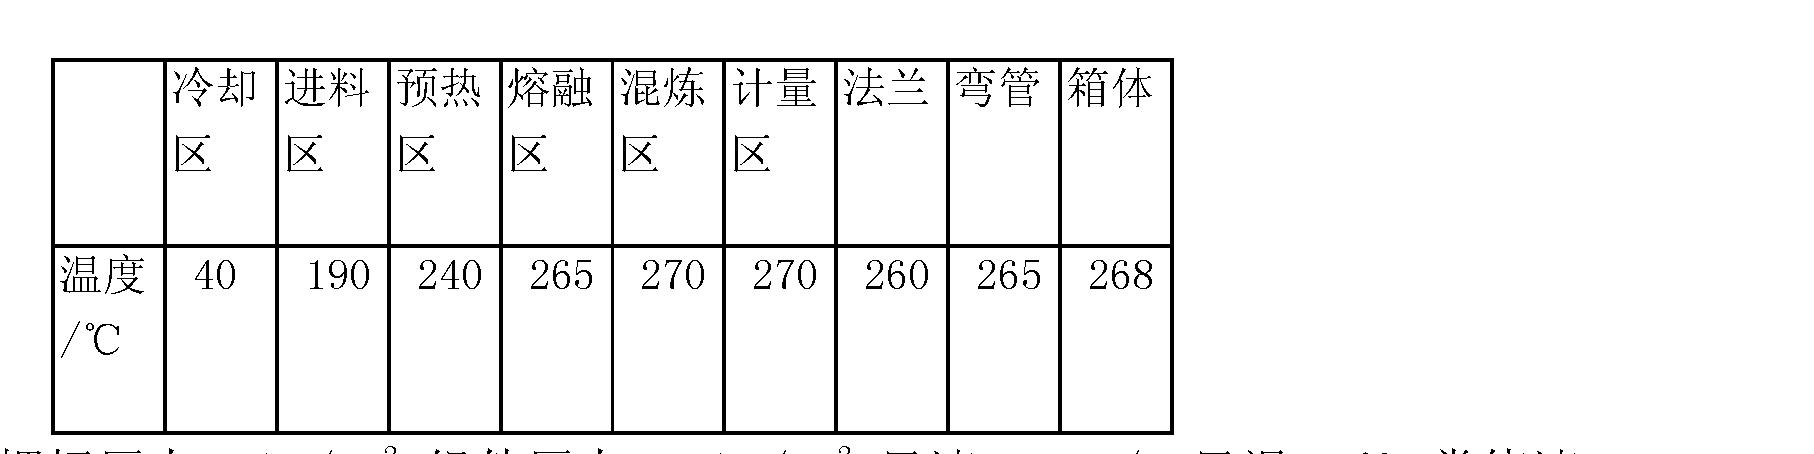 Figure CN101481830BD00061